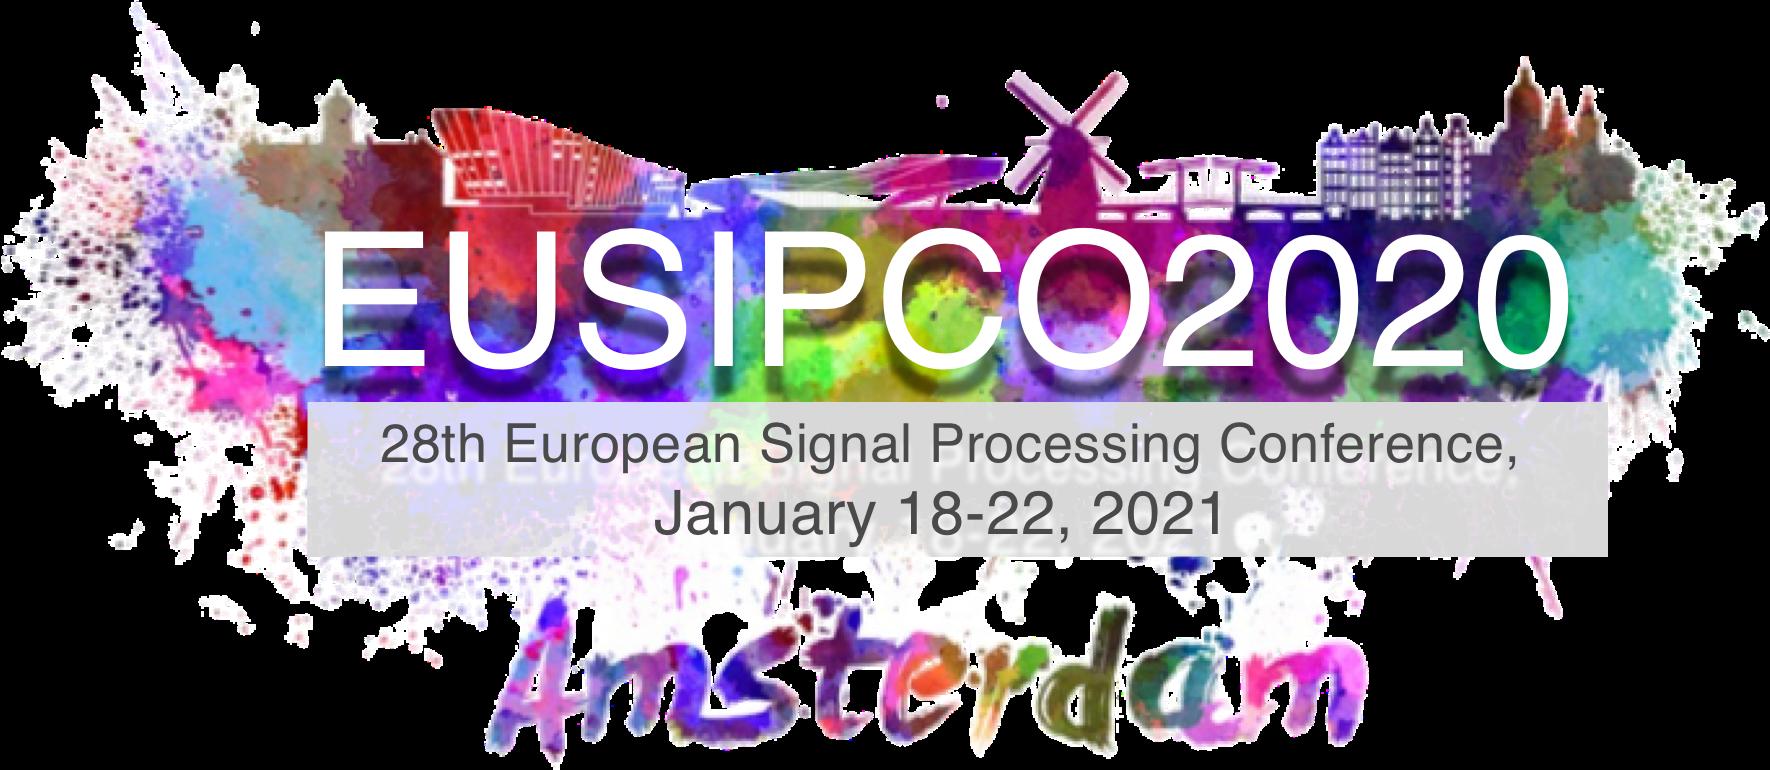 EUSIPCO2020